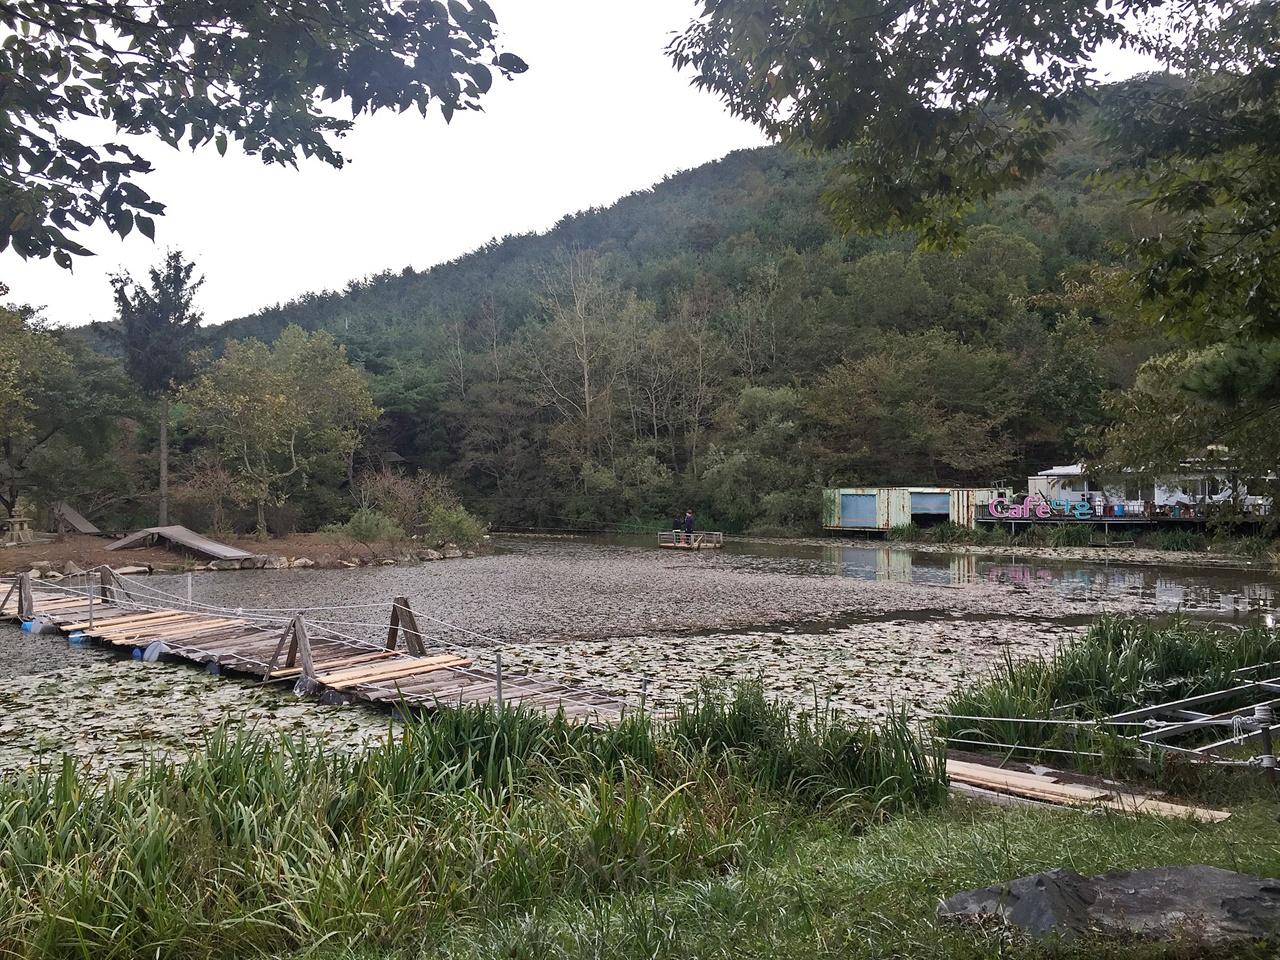 경주 화랑의 언덕 맞은편에 있는 연못 부교와 뗏목체험장 모습